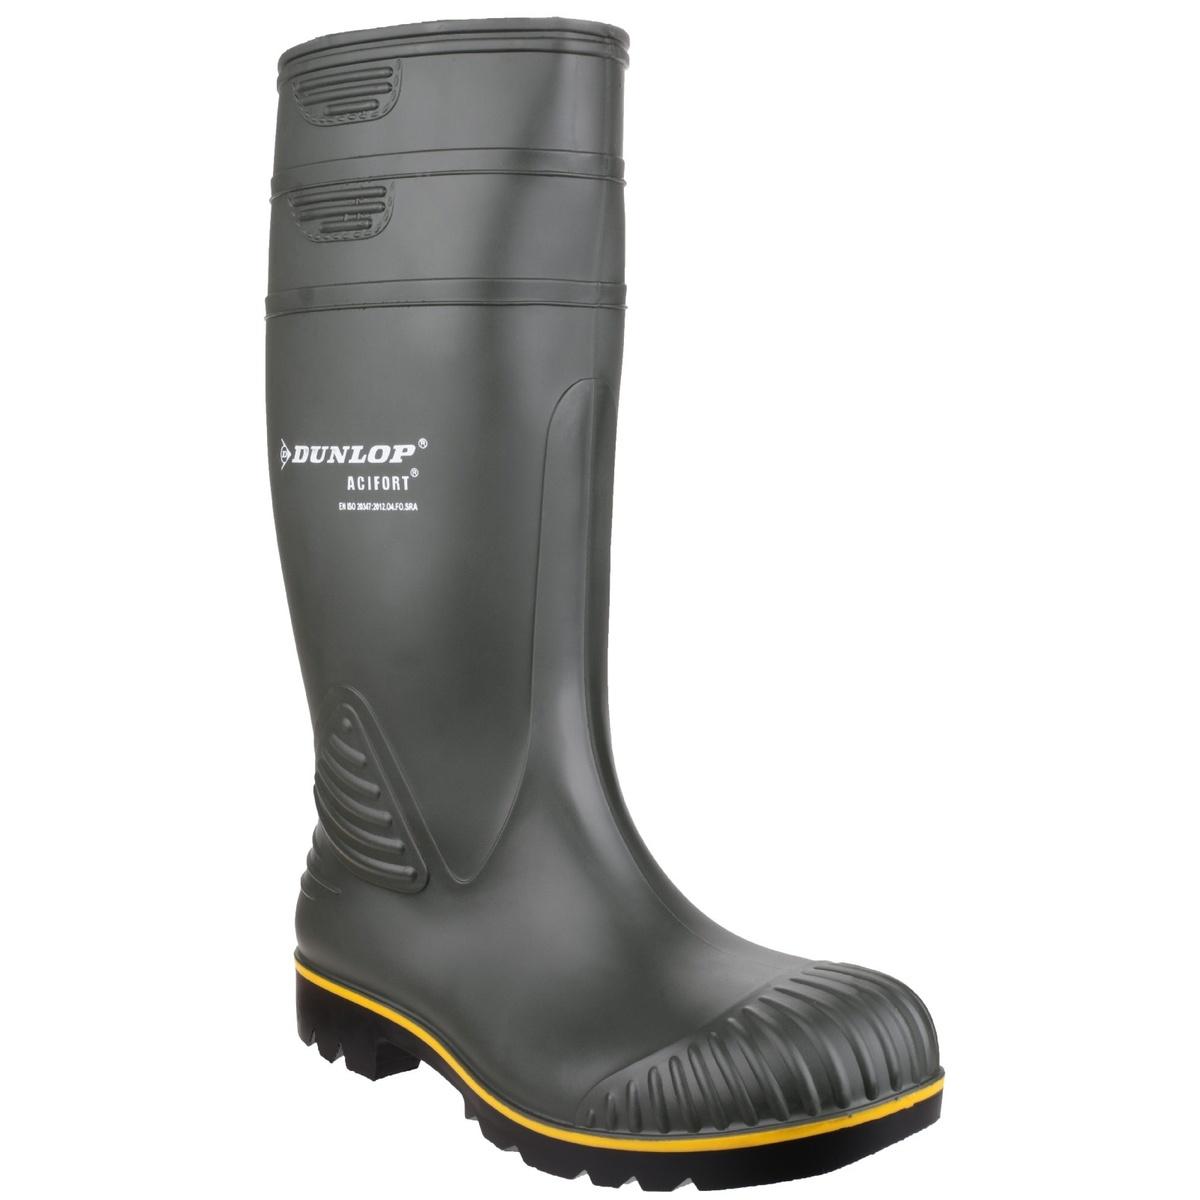 紳士長靴 レインブーツ 作業靴 農作業 完全防水 ダンロップ 流行のアイテム Dunlop 頑丈 アシフォート 海外通販 ノンセーフティー ウェリントンブーツ 男性用 輸入 メンズ